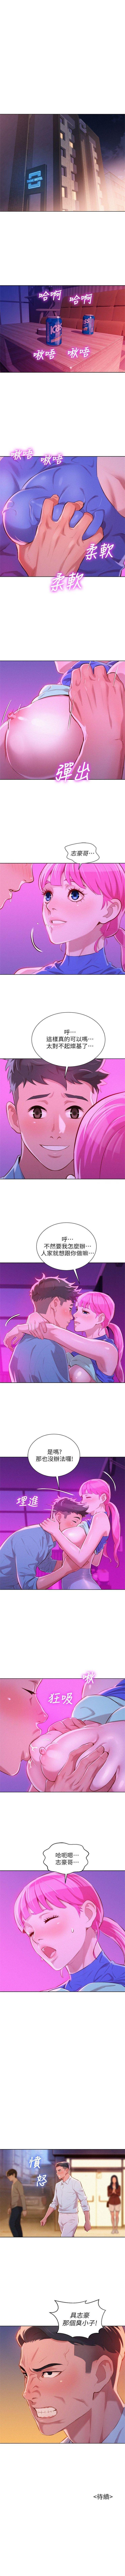 (周7)漂亮干姐姐  1-81 中文翻译 (更新中) 227